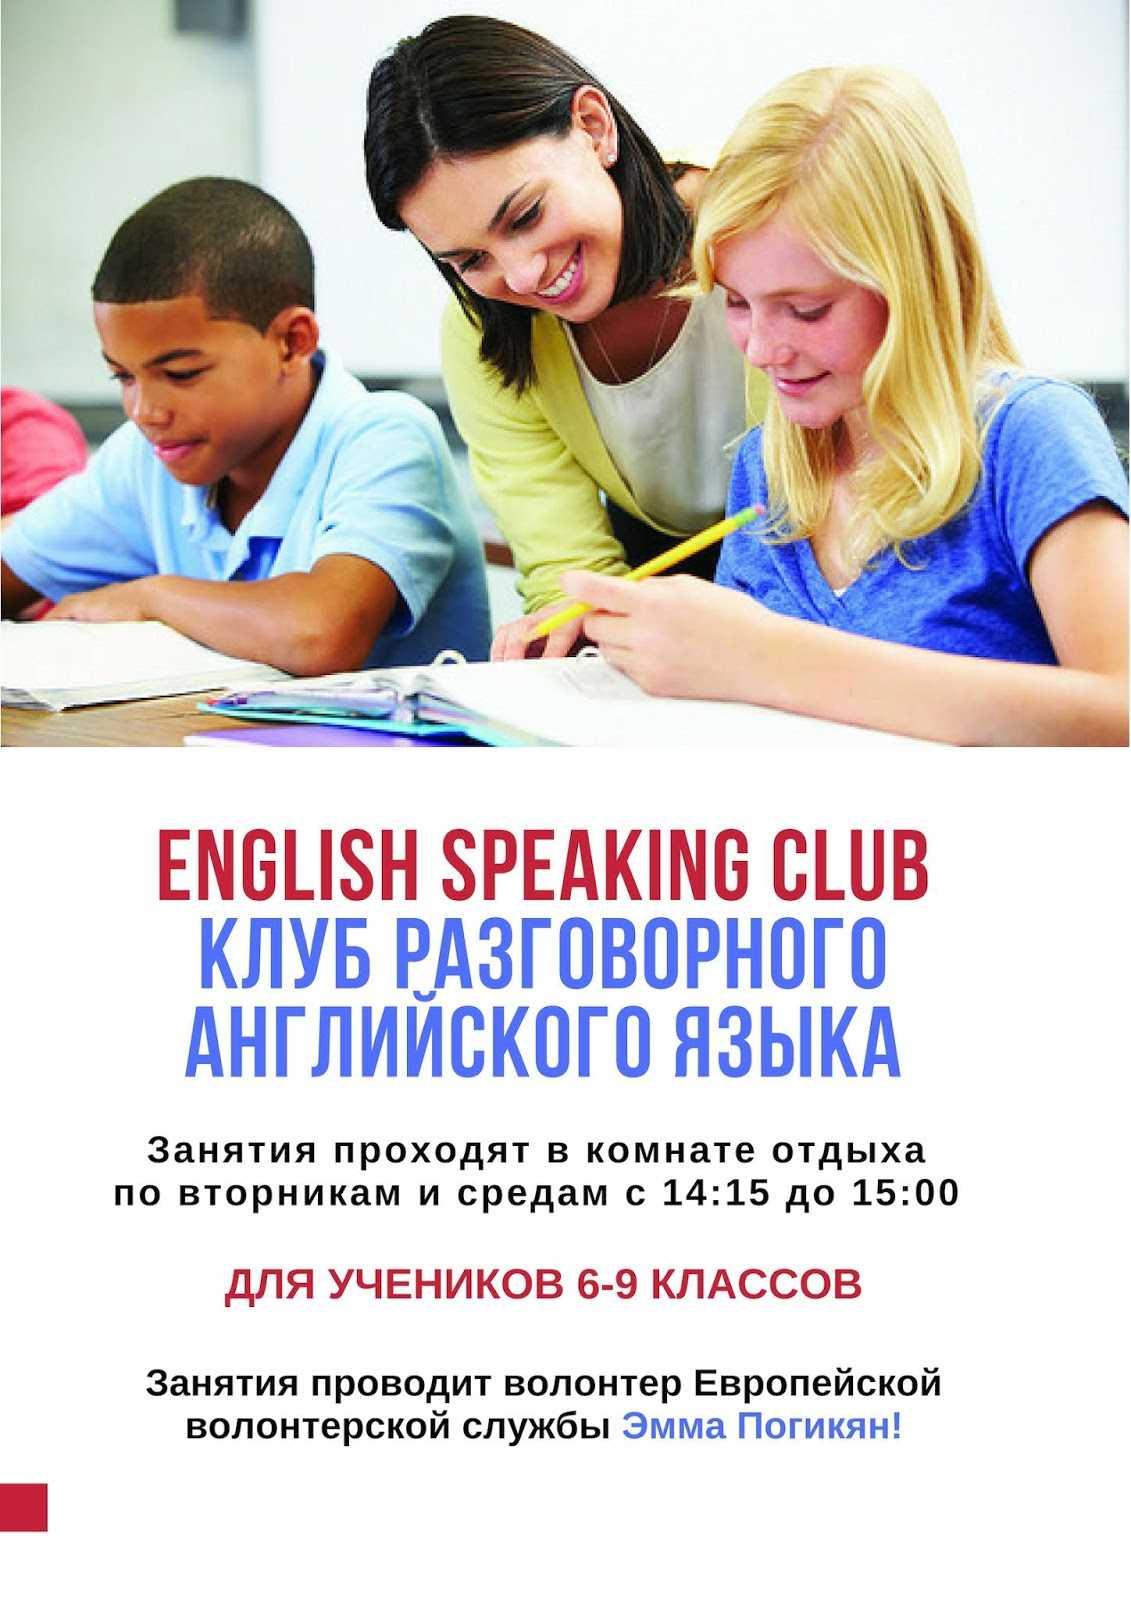 Практикуем разговорный английский в москве